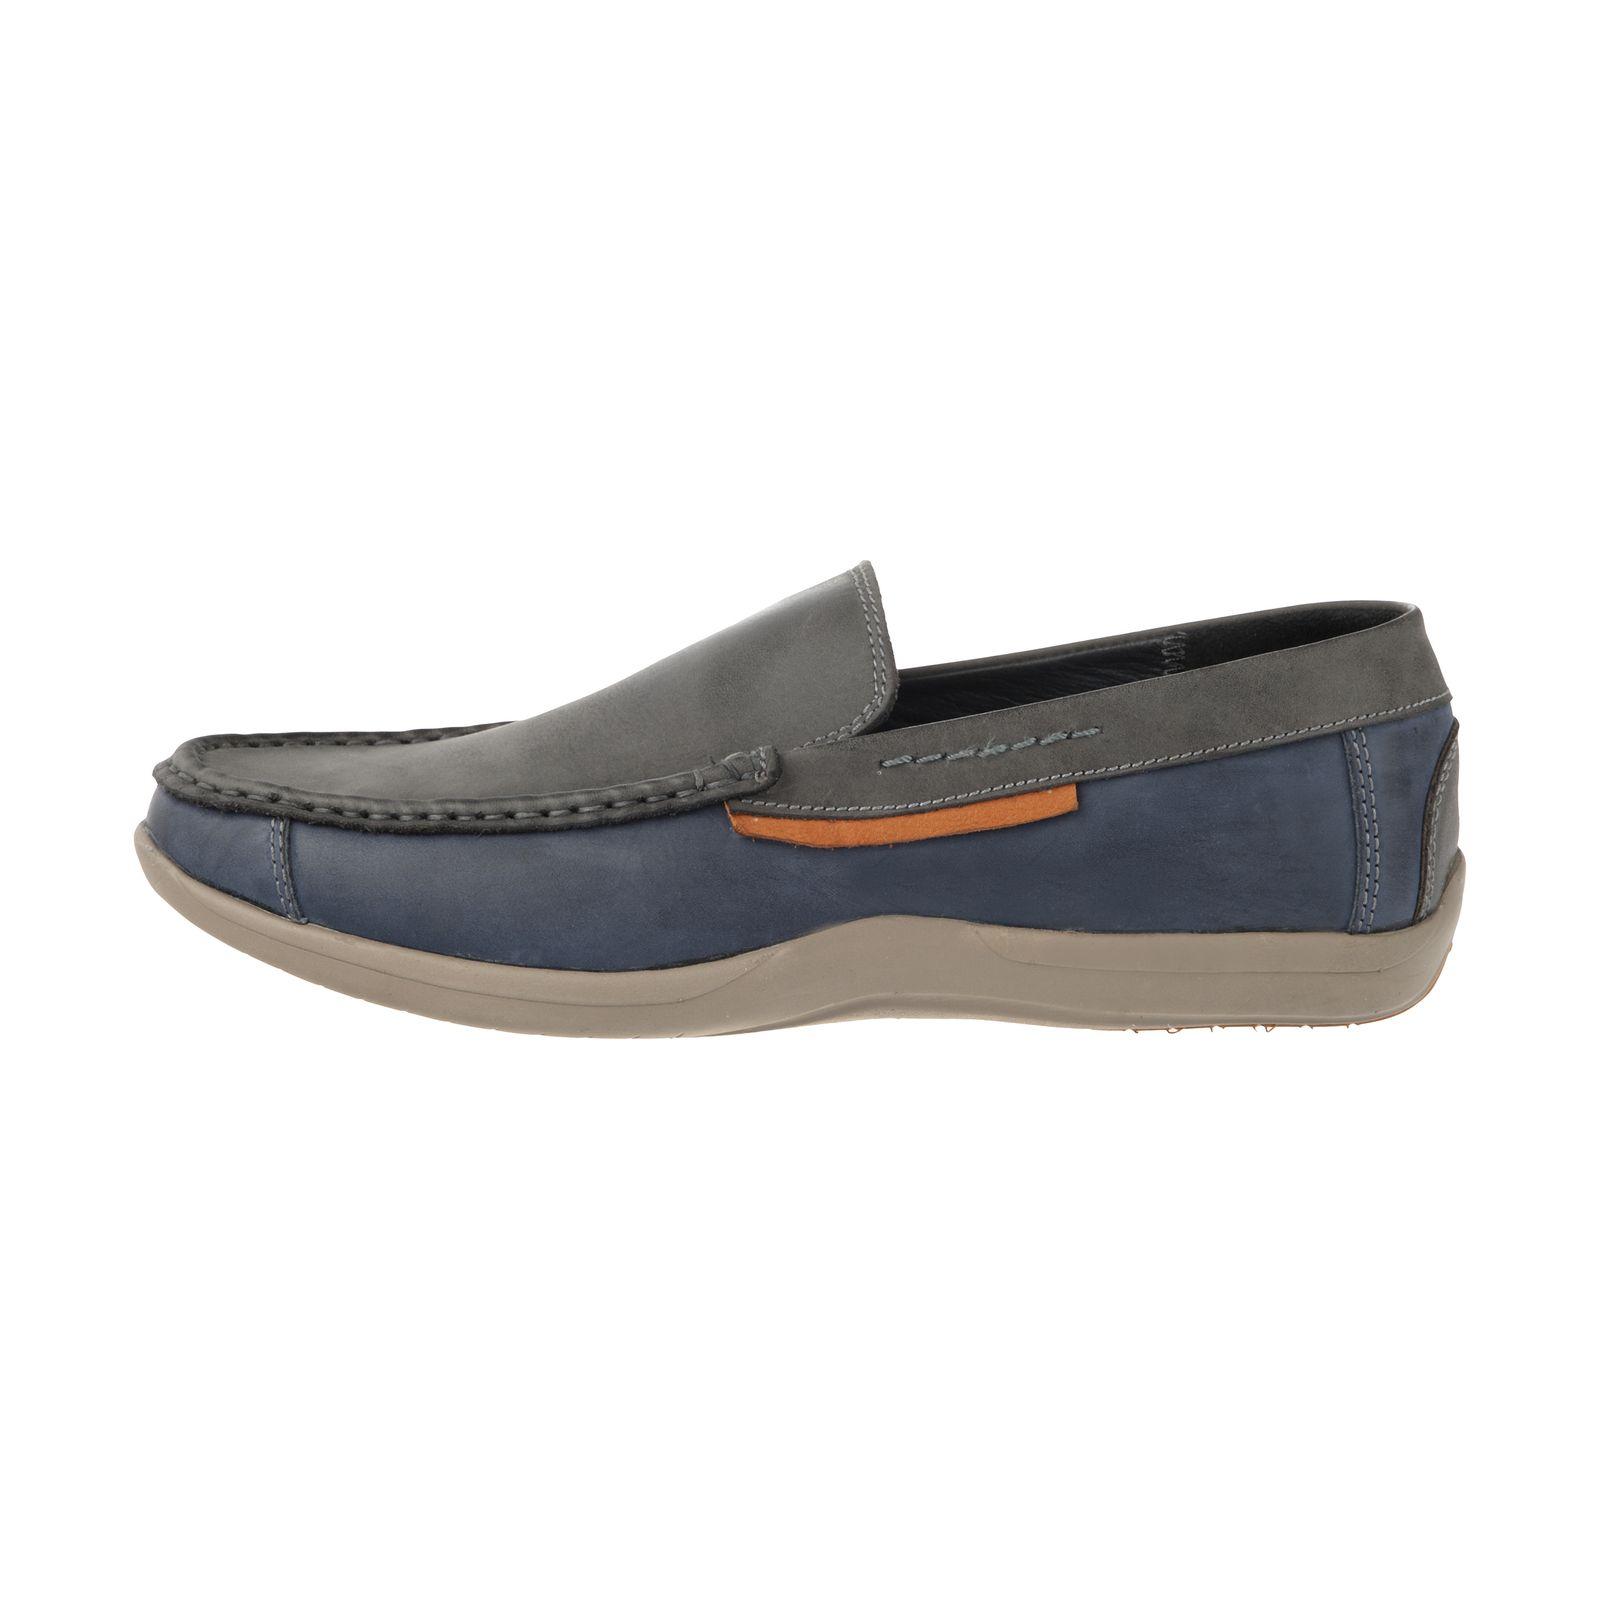 کفش روزمره مردانه سوته مدل 5059A503103 -  - 2